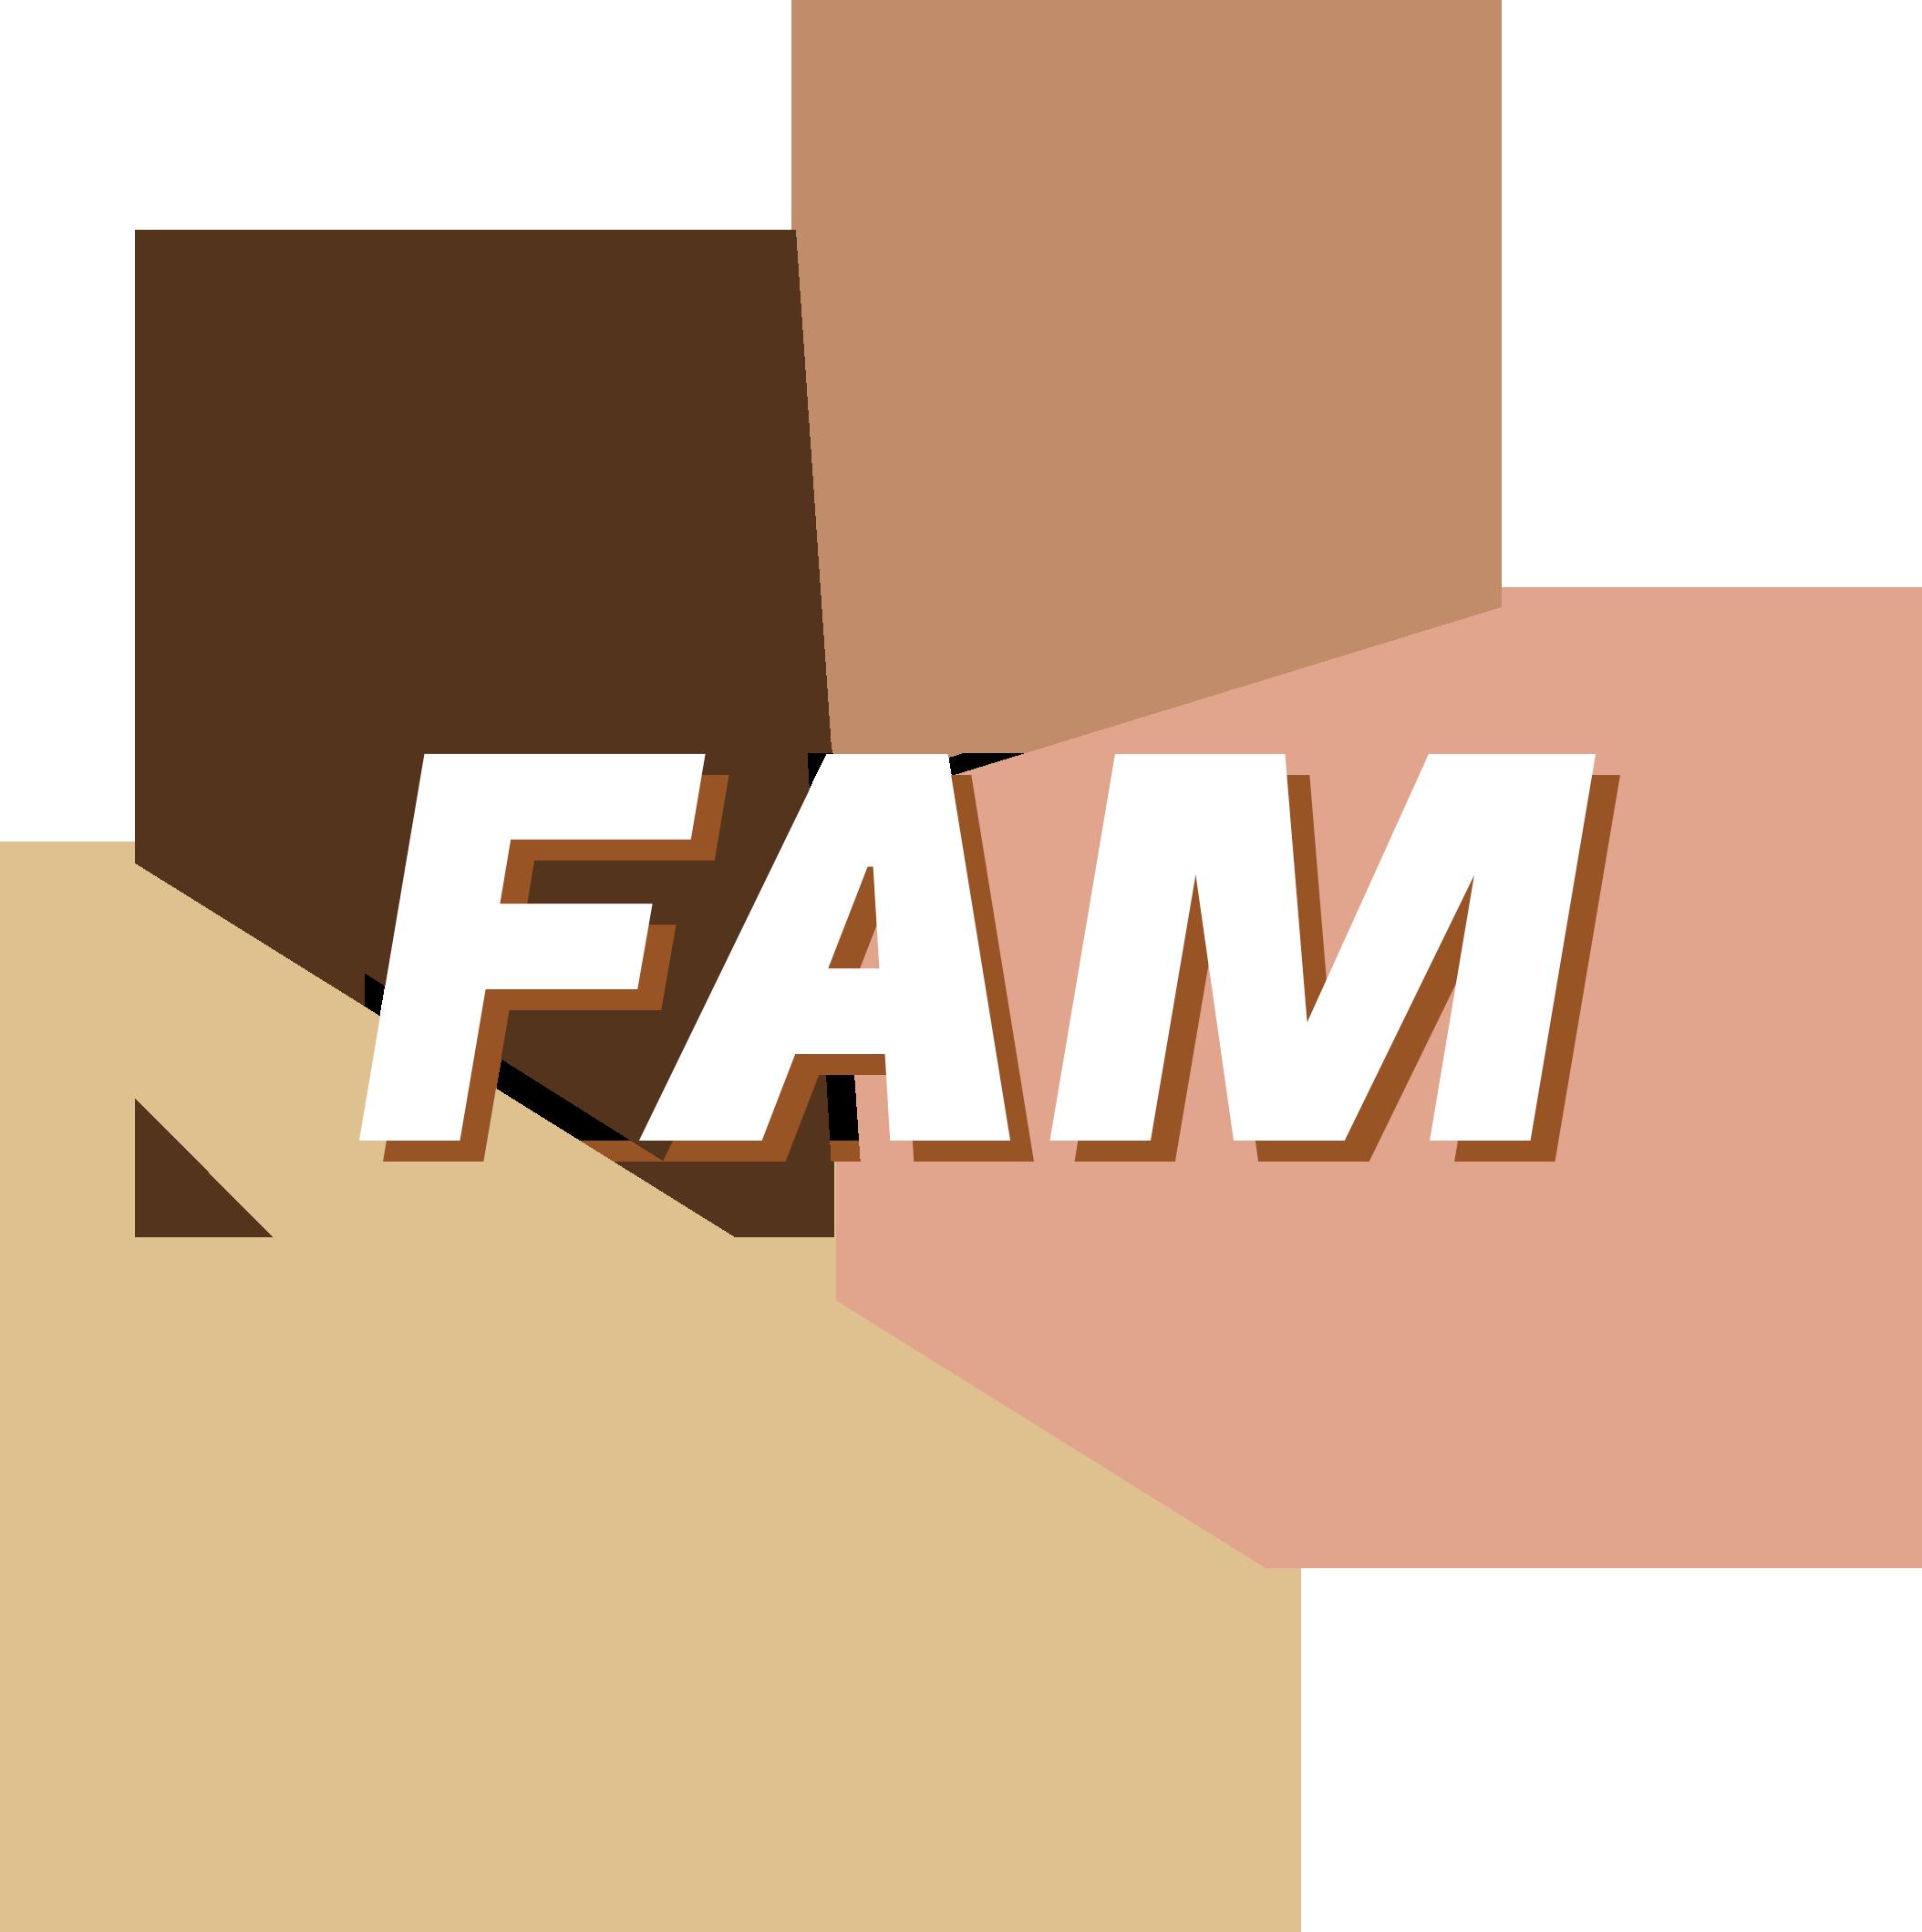 het logo bestaat uit aardekleuren en de tekst FAM